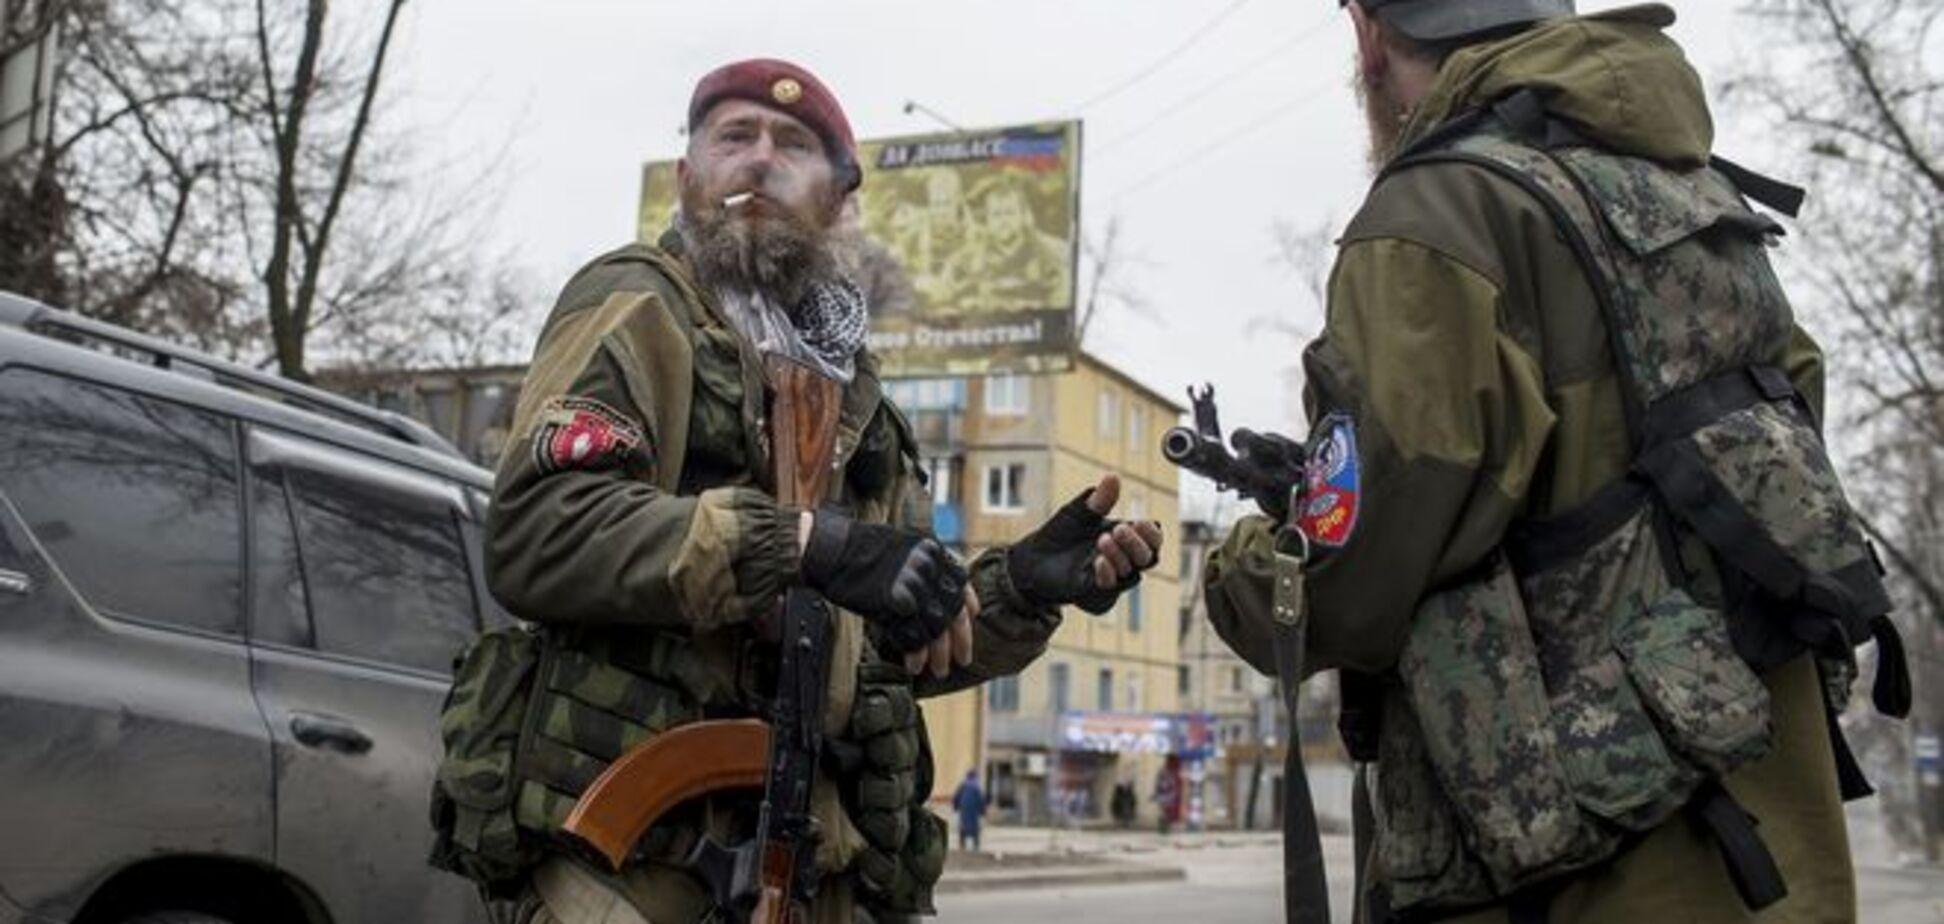 Национальный союз журналистов выгнал из своих рядов 12 симпатиков 'ДНР'